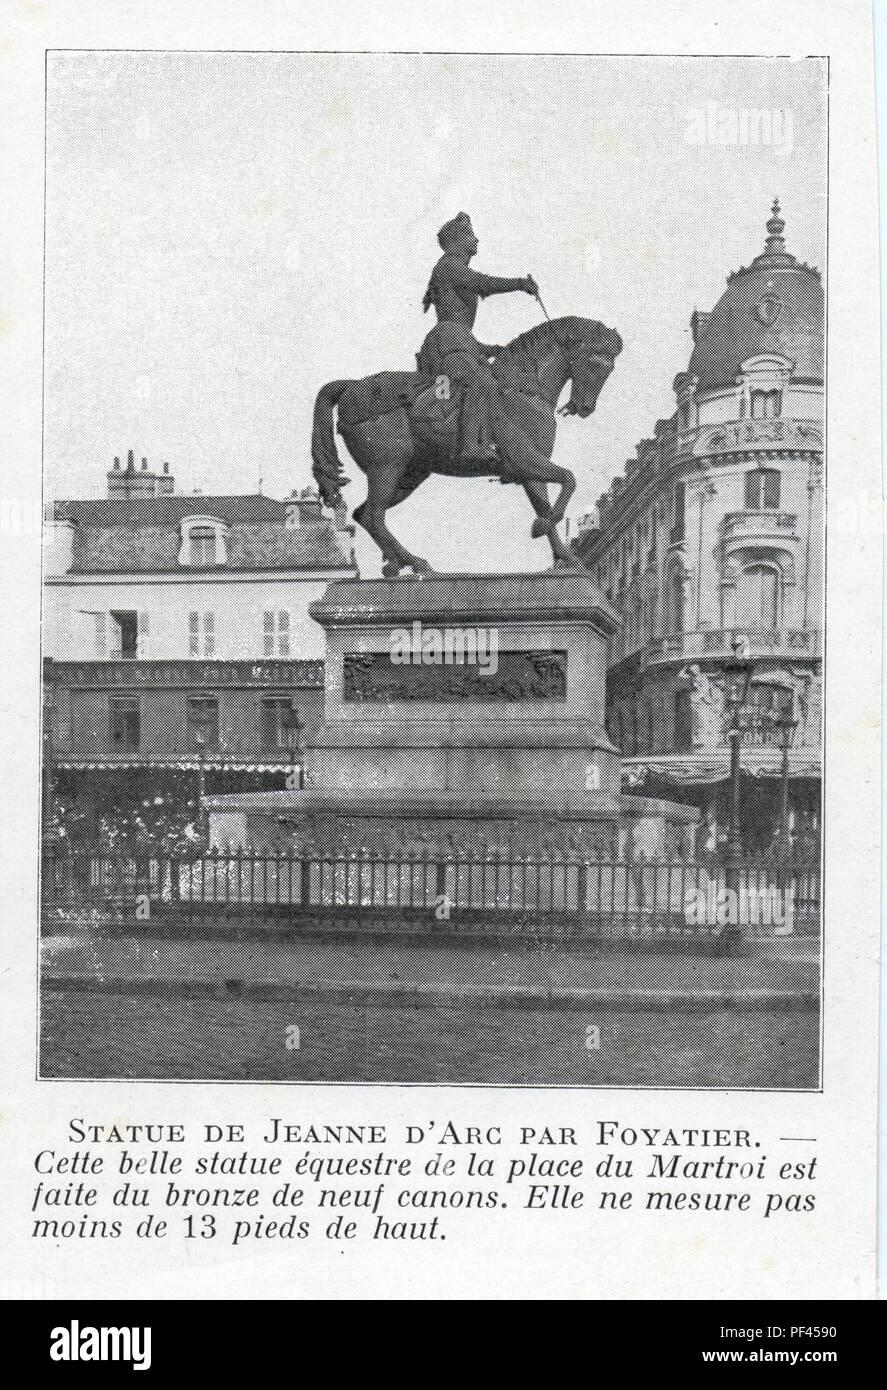 statue de jeanne d'arc par foyatier - Stock Image